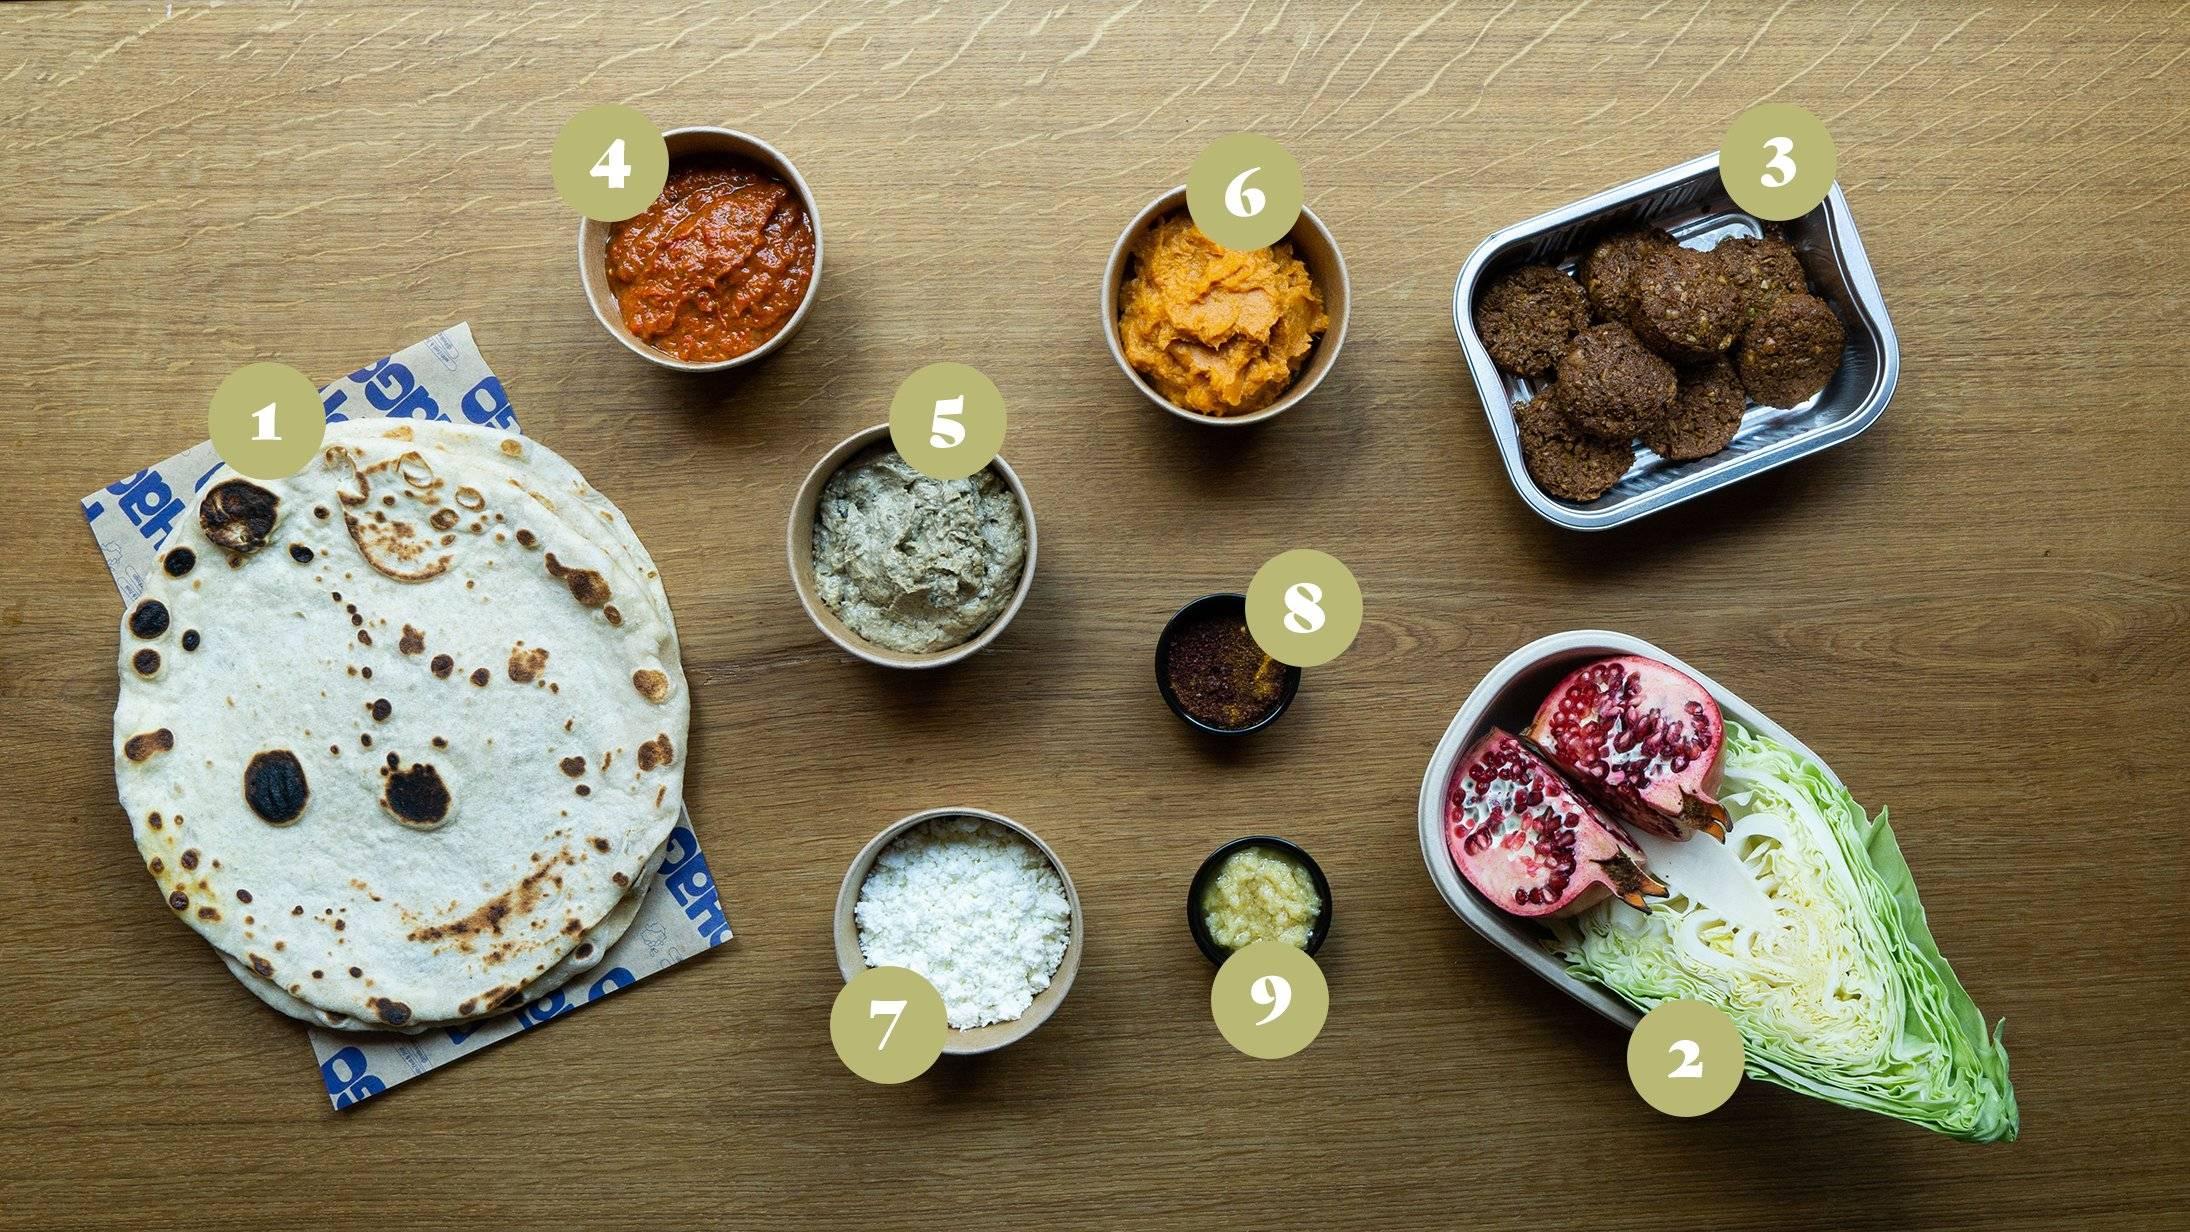 Opskrifter og vejledning til Surdejs fladbrød med falafel, romesco, baba ganoush,  mos af sød kartoffel, citronvinaigrette og sprødt grønt.